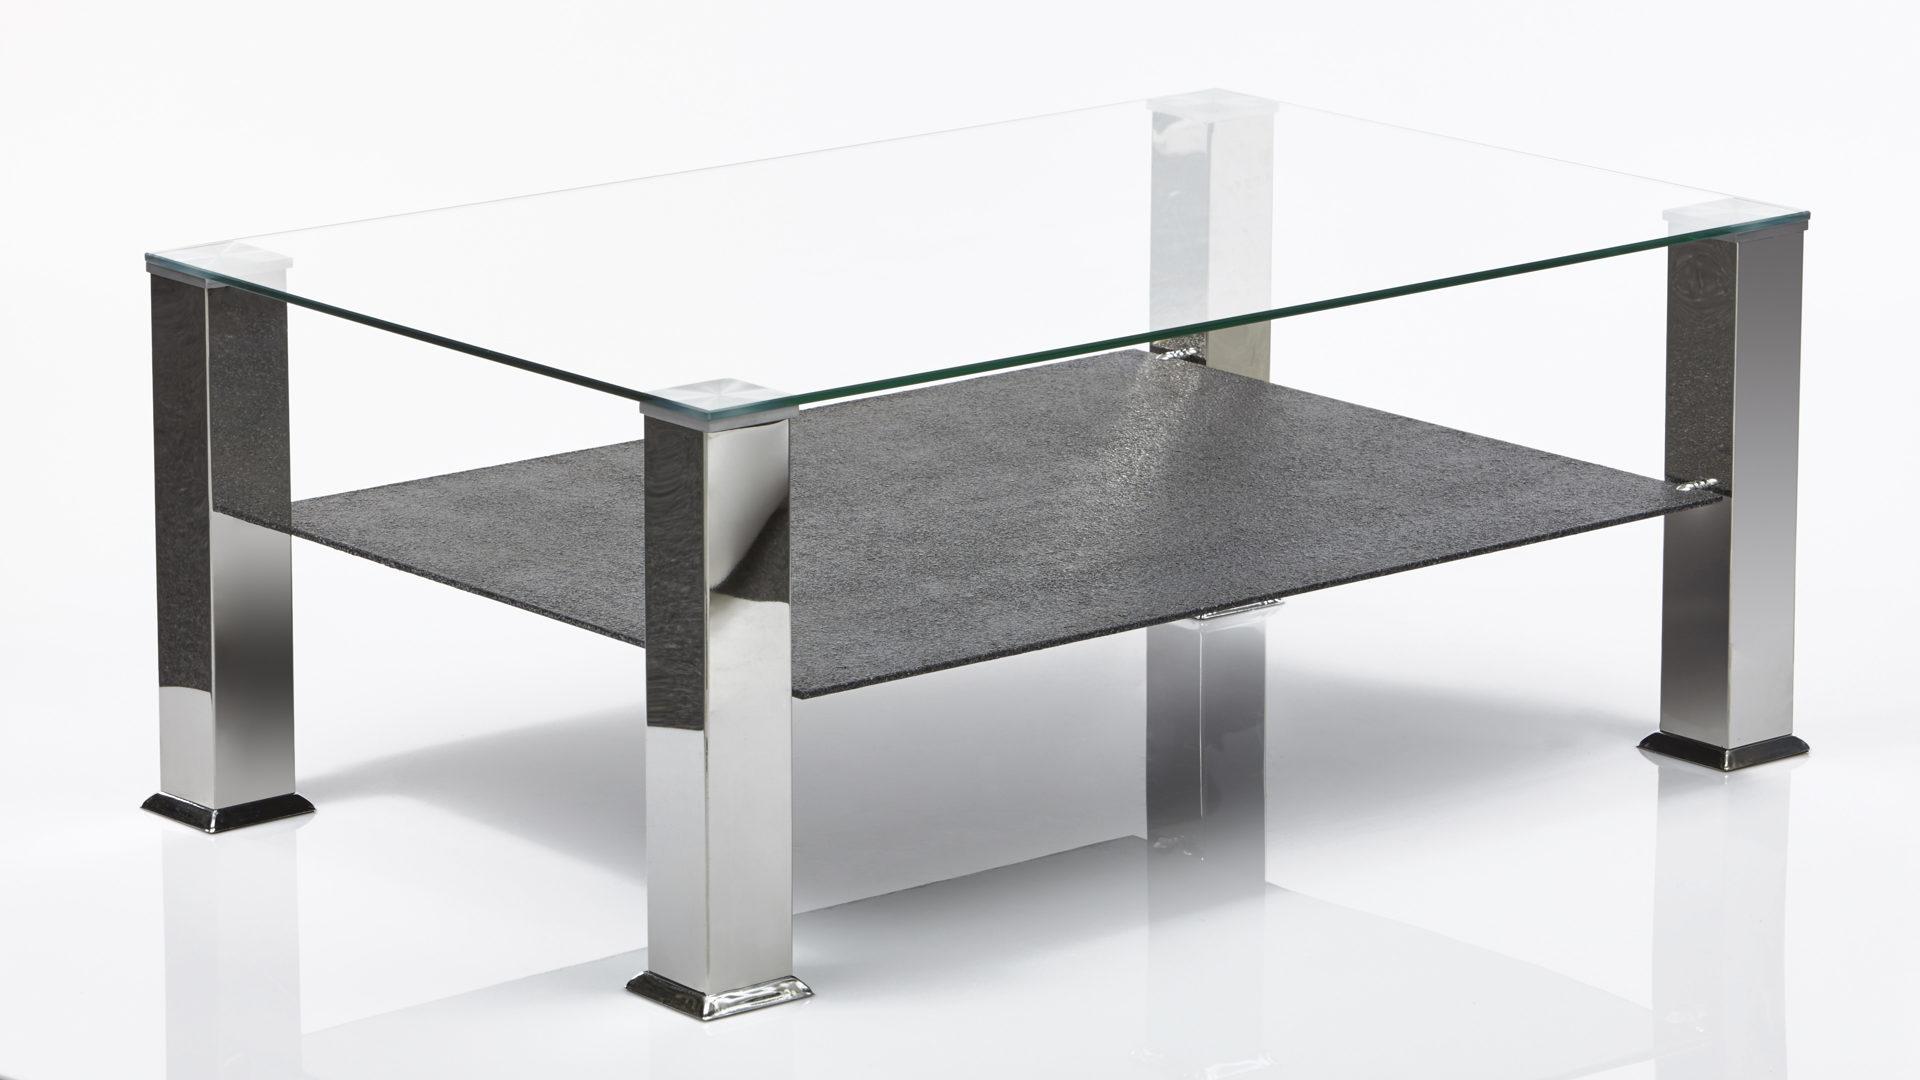 Best Couchtisch Concept Aus Glas In Schwarz Couchtisch Bzw Mit Granitoptik  Klarglas Granitoptik U With Couchtisch Schwarz Gnstig